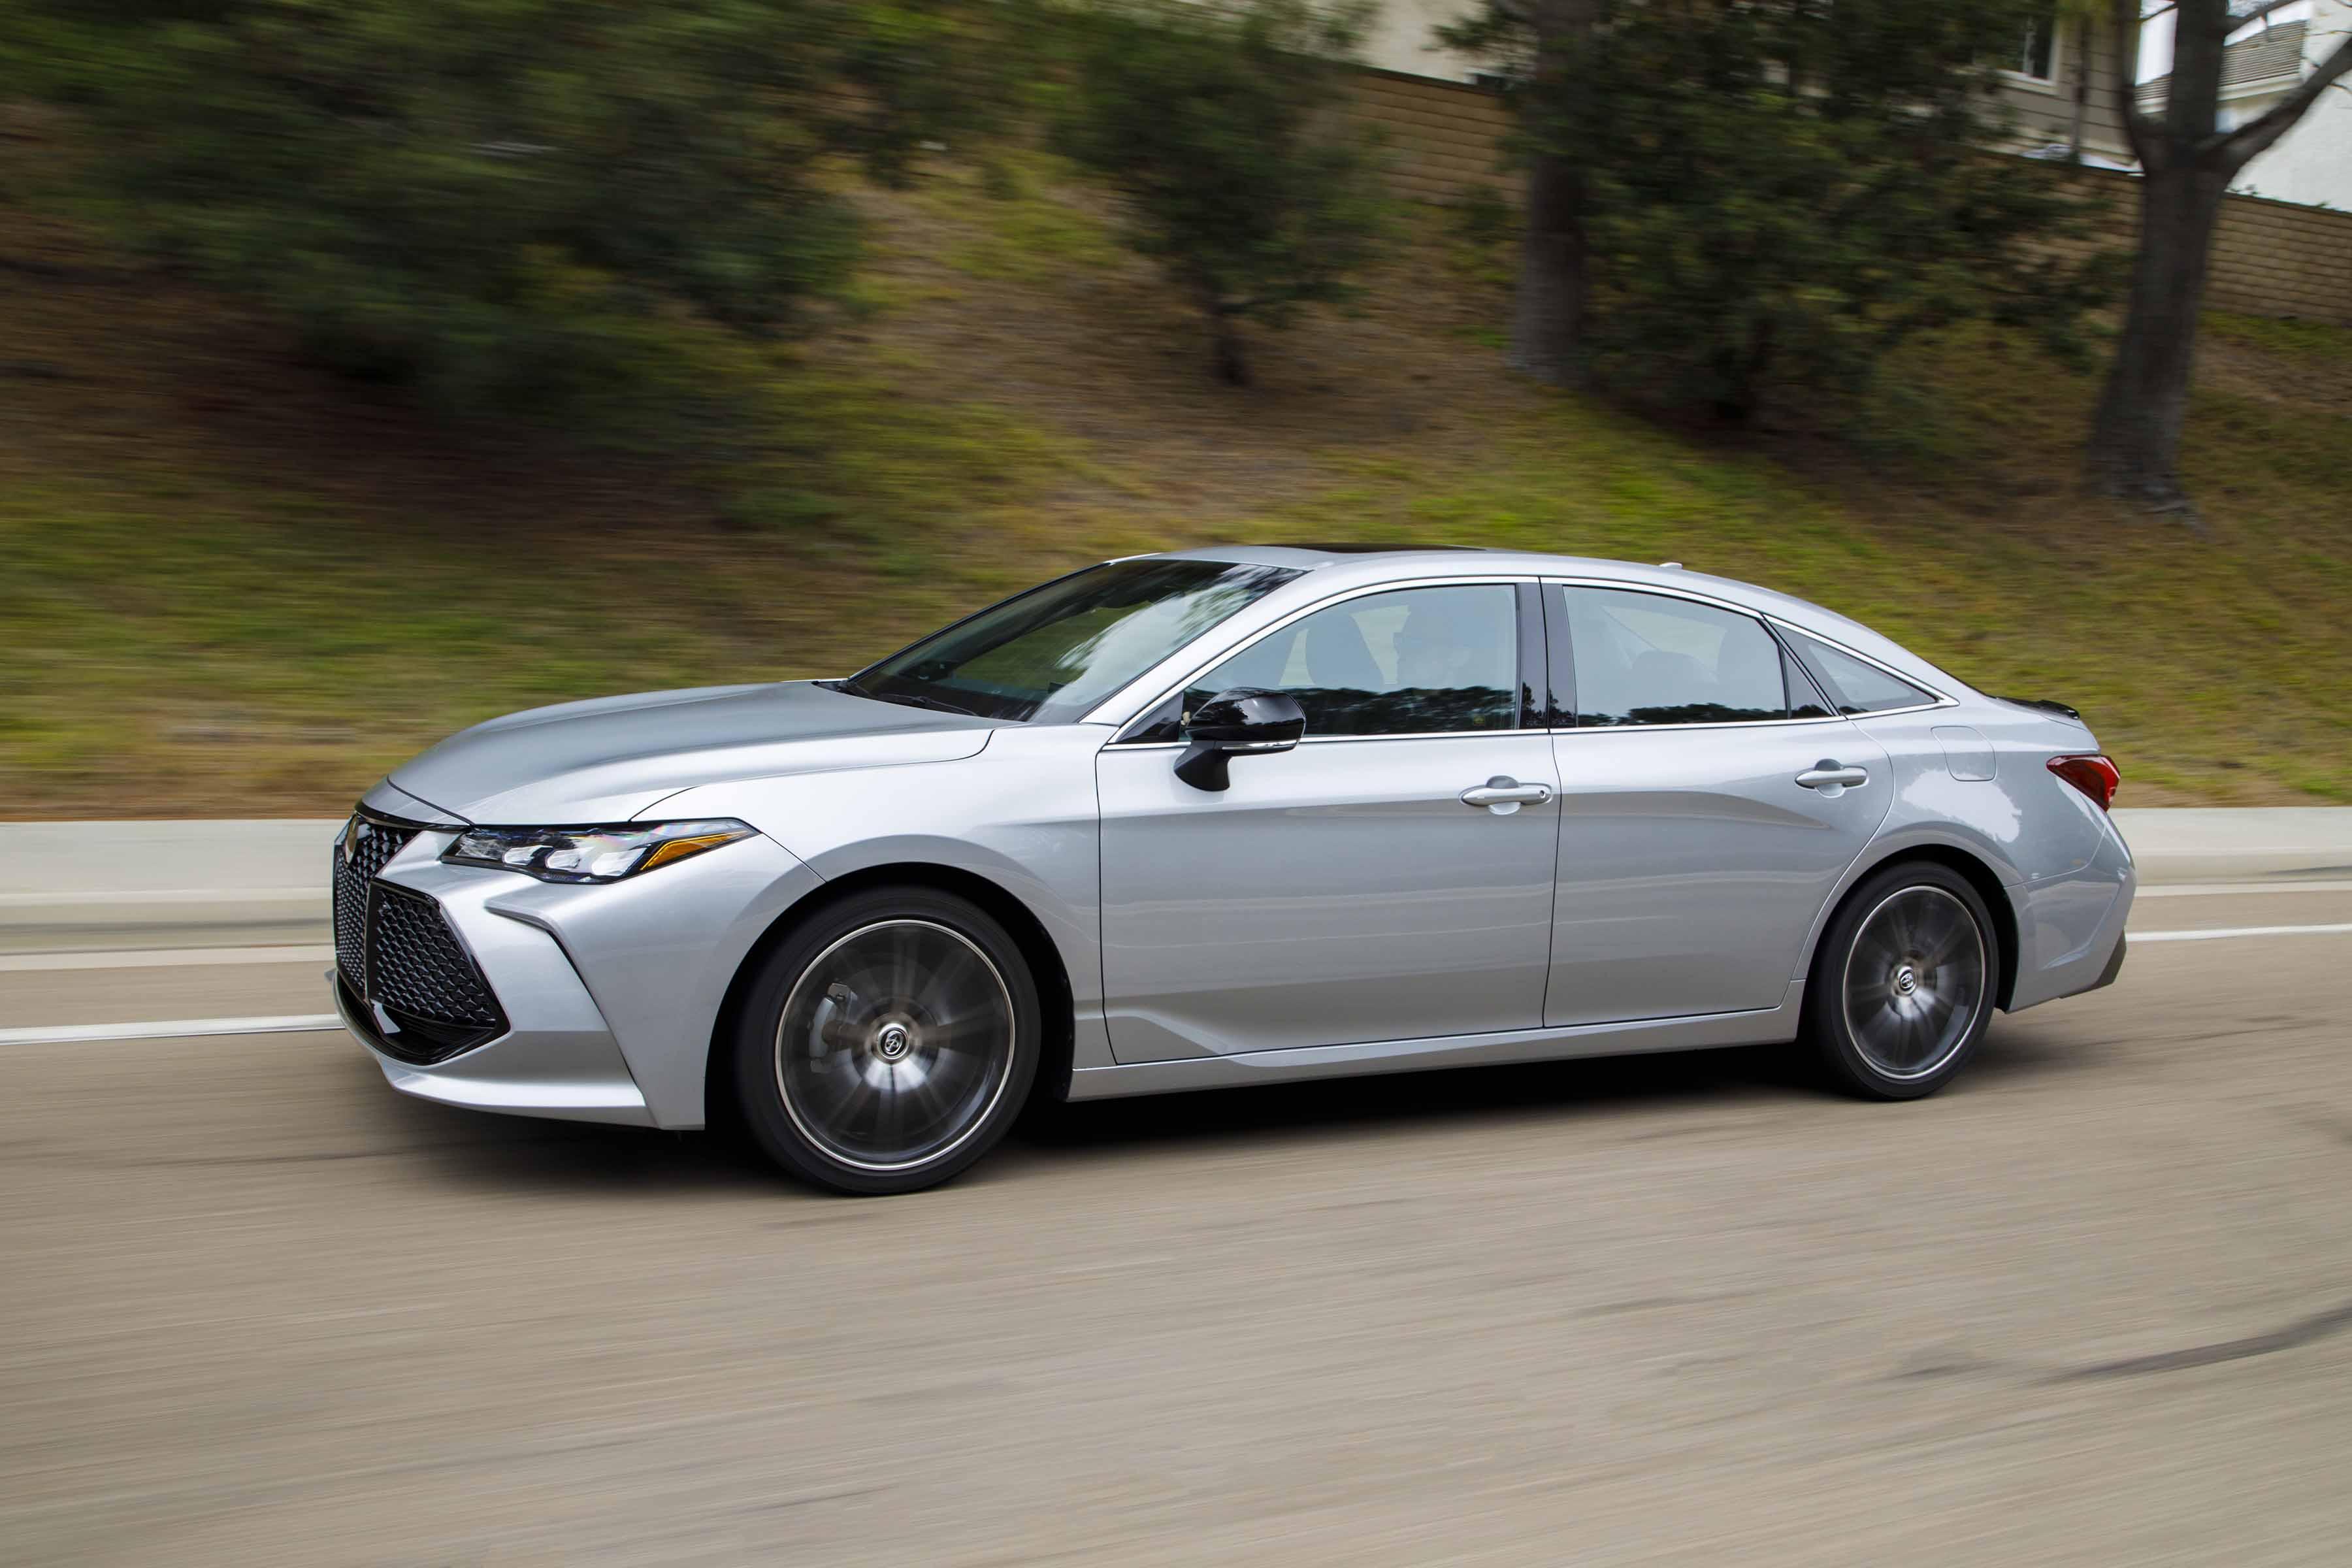 2019 Toyota Avalon Technological Beauty Automotive Rhythms